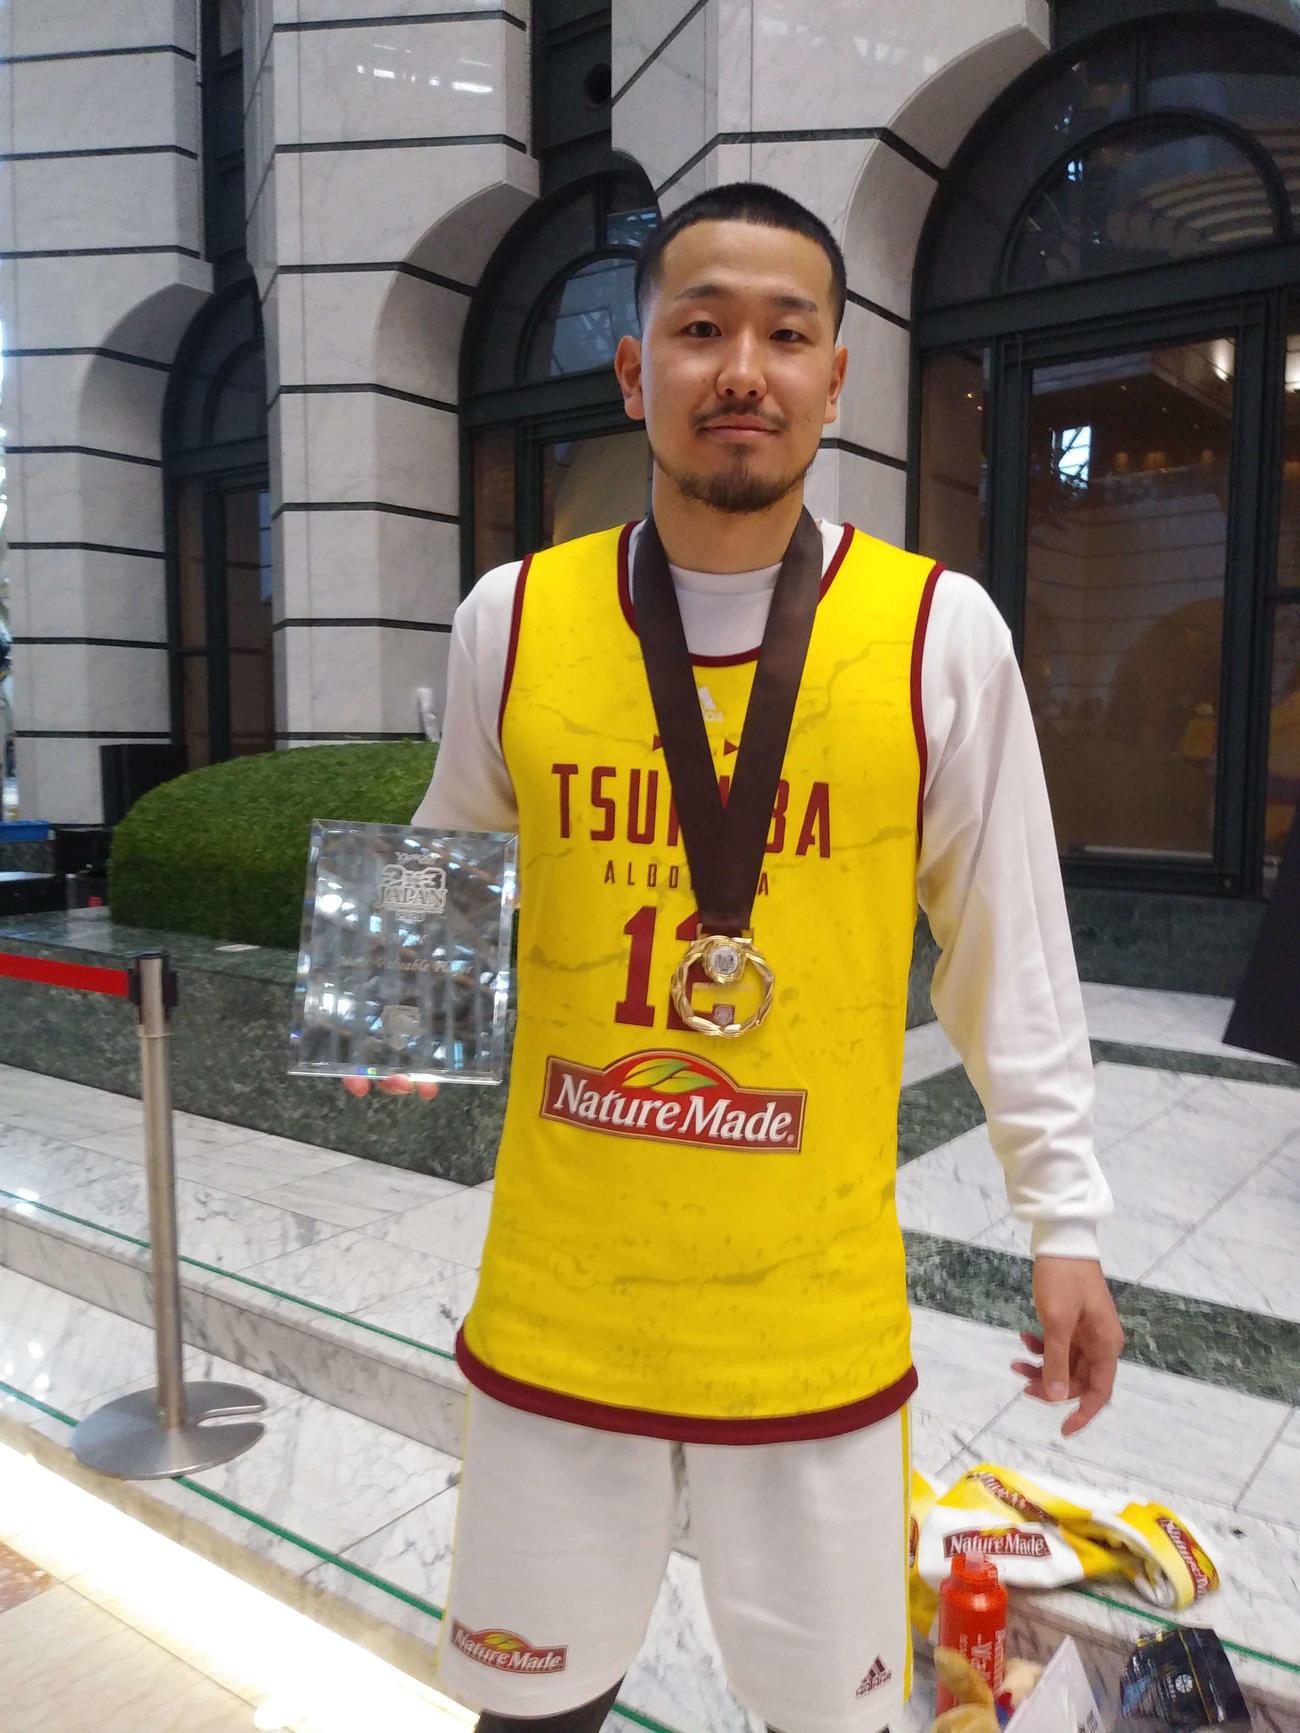 3人制バスケットボール日本選手権でTEAM TSUKUBAの優勝に貢献し、MVPに選ばれた大友(撮影・奥岡幹浩)